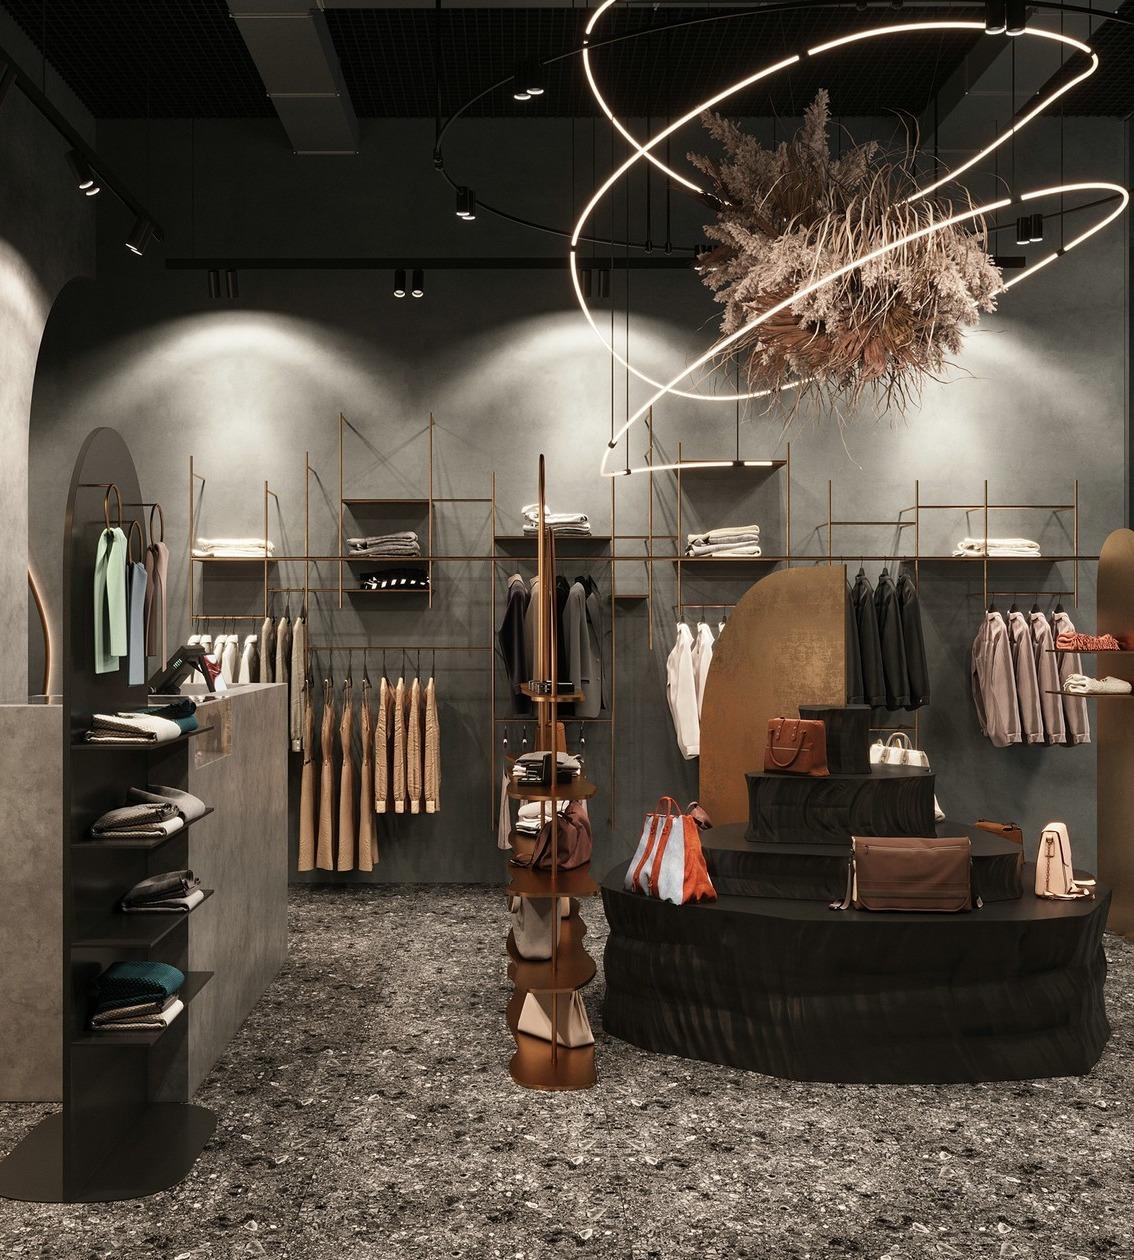 精品买手店二手店专卖店设计室内空间设计效果图施工图制作